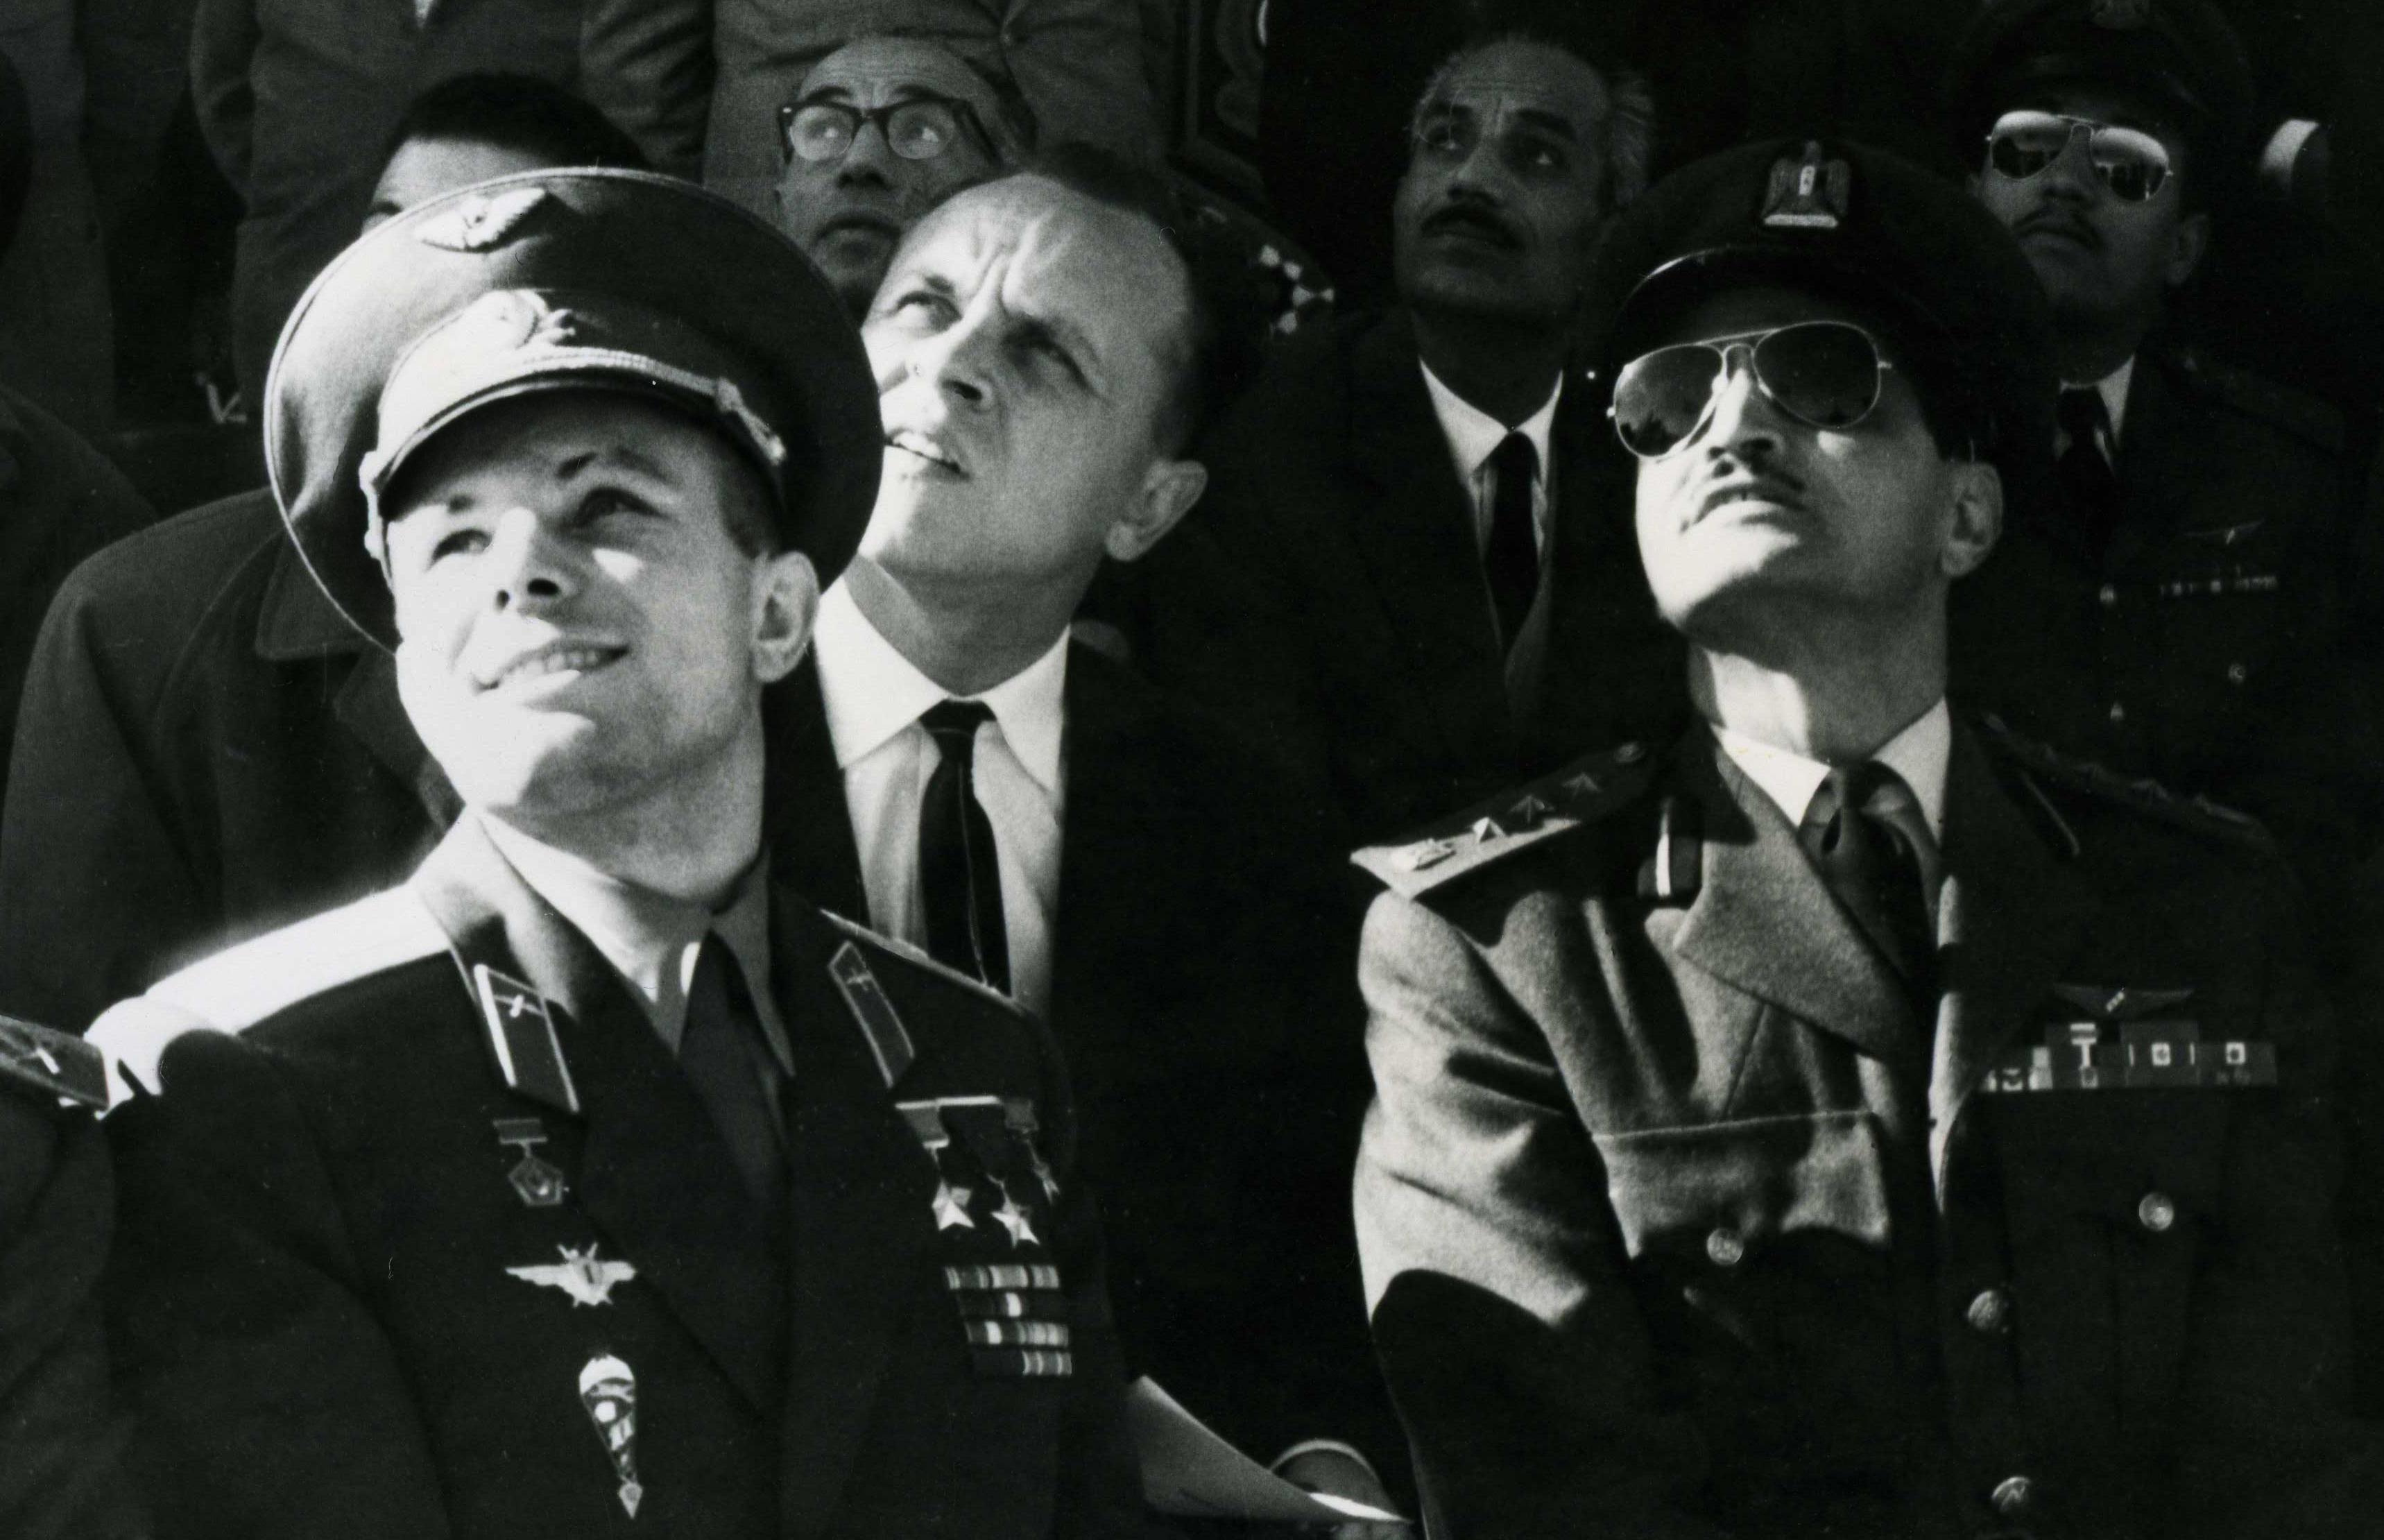 Jurij Gagarin osserva una volo dimostrativo al Cairo. Dopo il viaggio spaziale divenne quasi un ambasciatore sovietico nel mondo